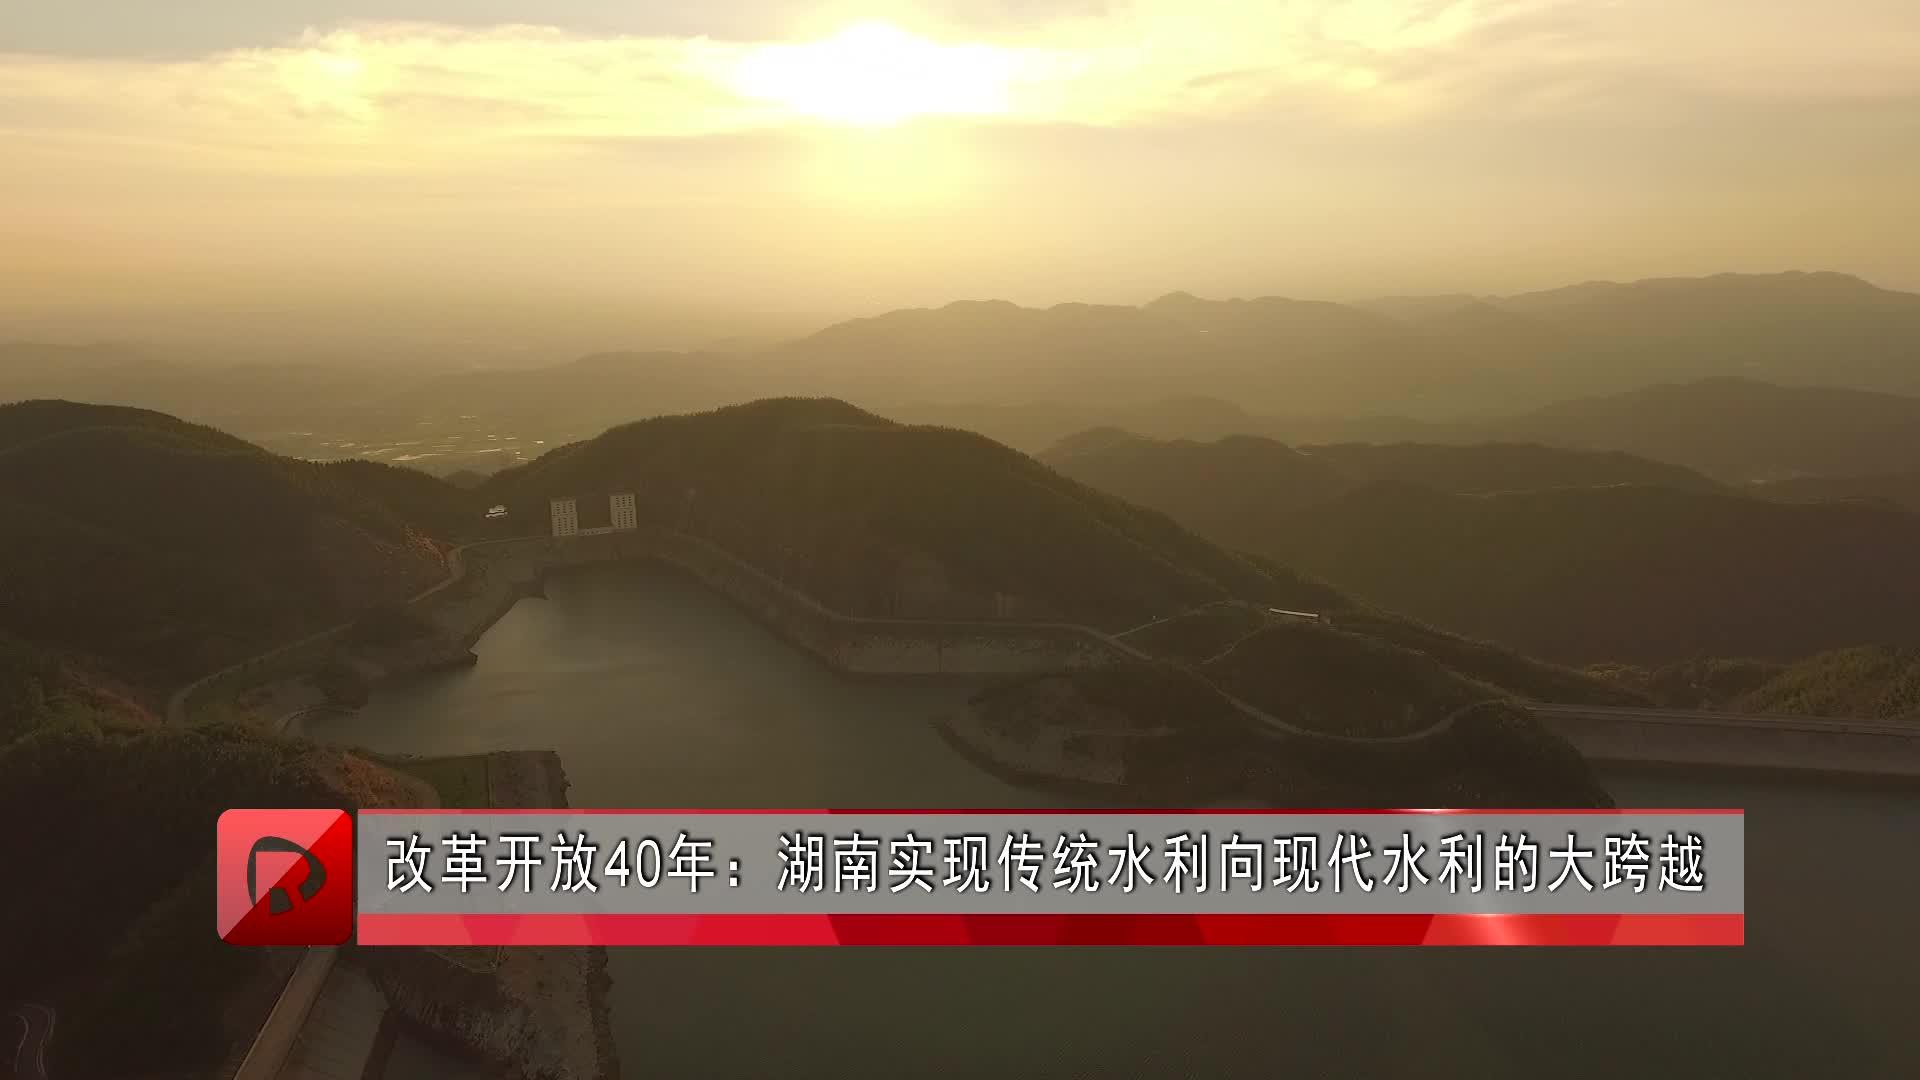 改革开放40年:湖南实现传统水利向现代水利的大跨越